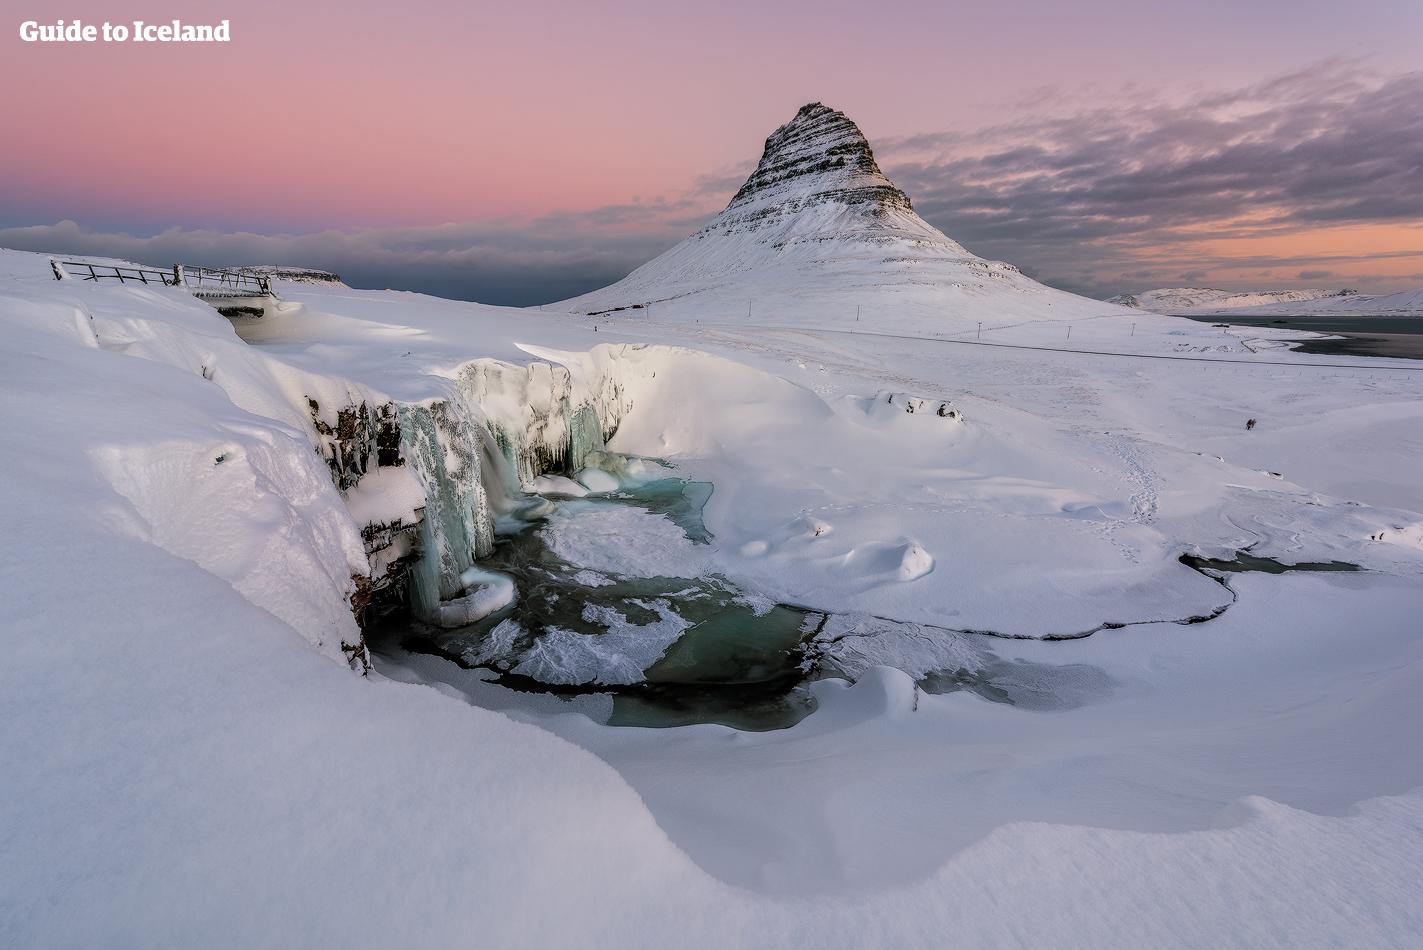 """Snæfellsneshalvön, eller """"Island i miniatyr"""" som den också kallas, är vacker året runt men något mer mystisk på vintern."""